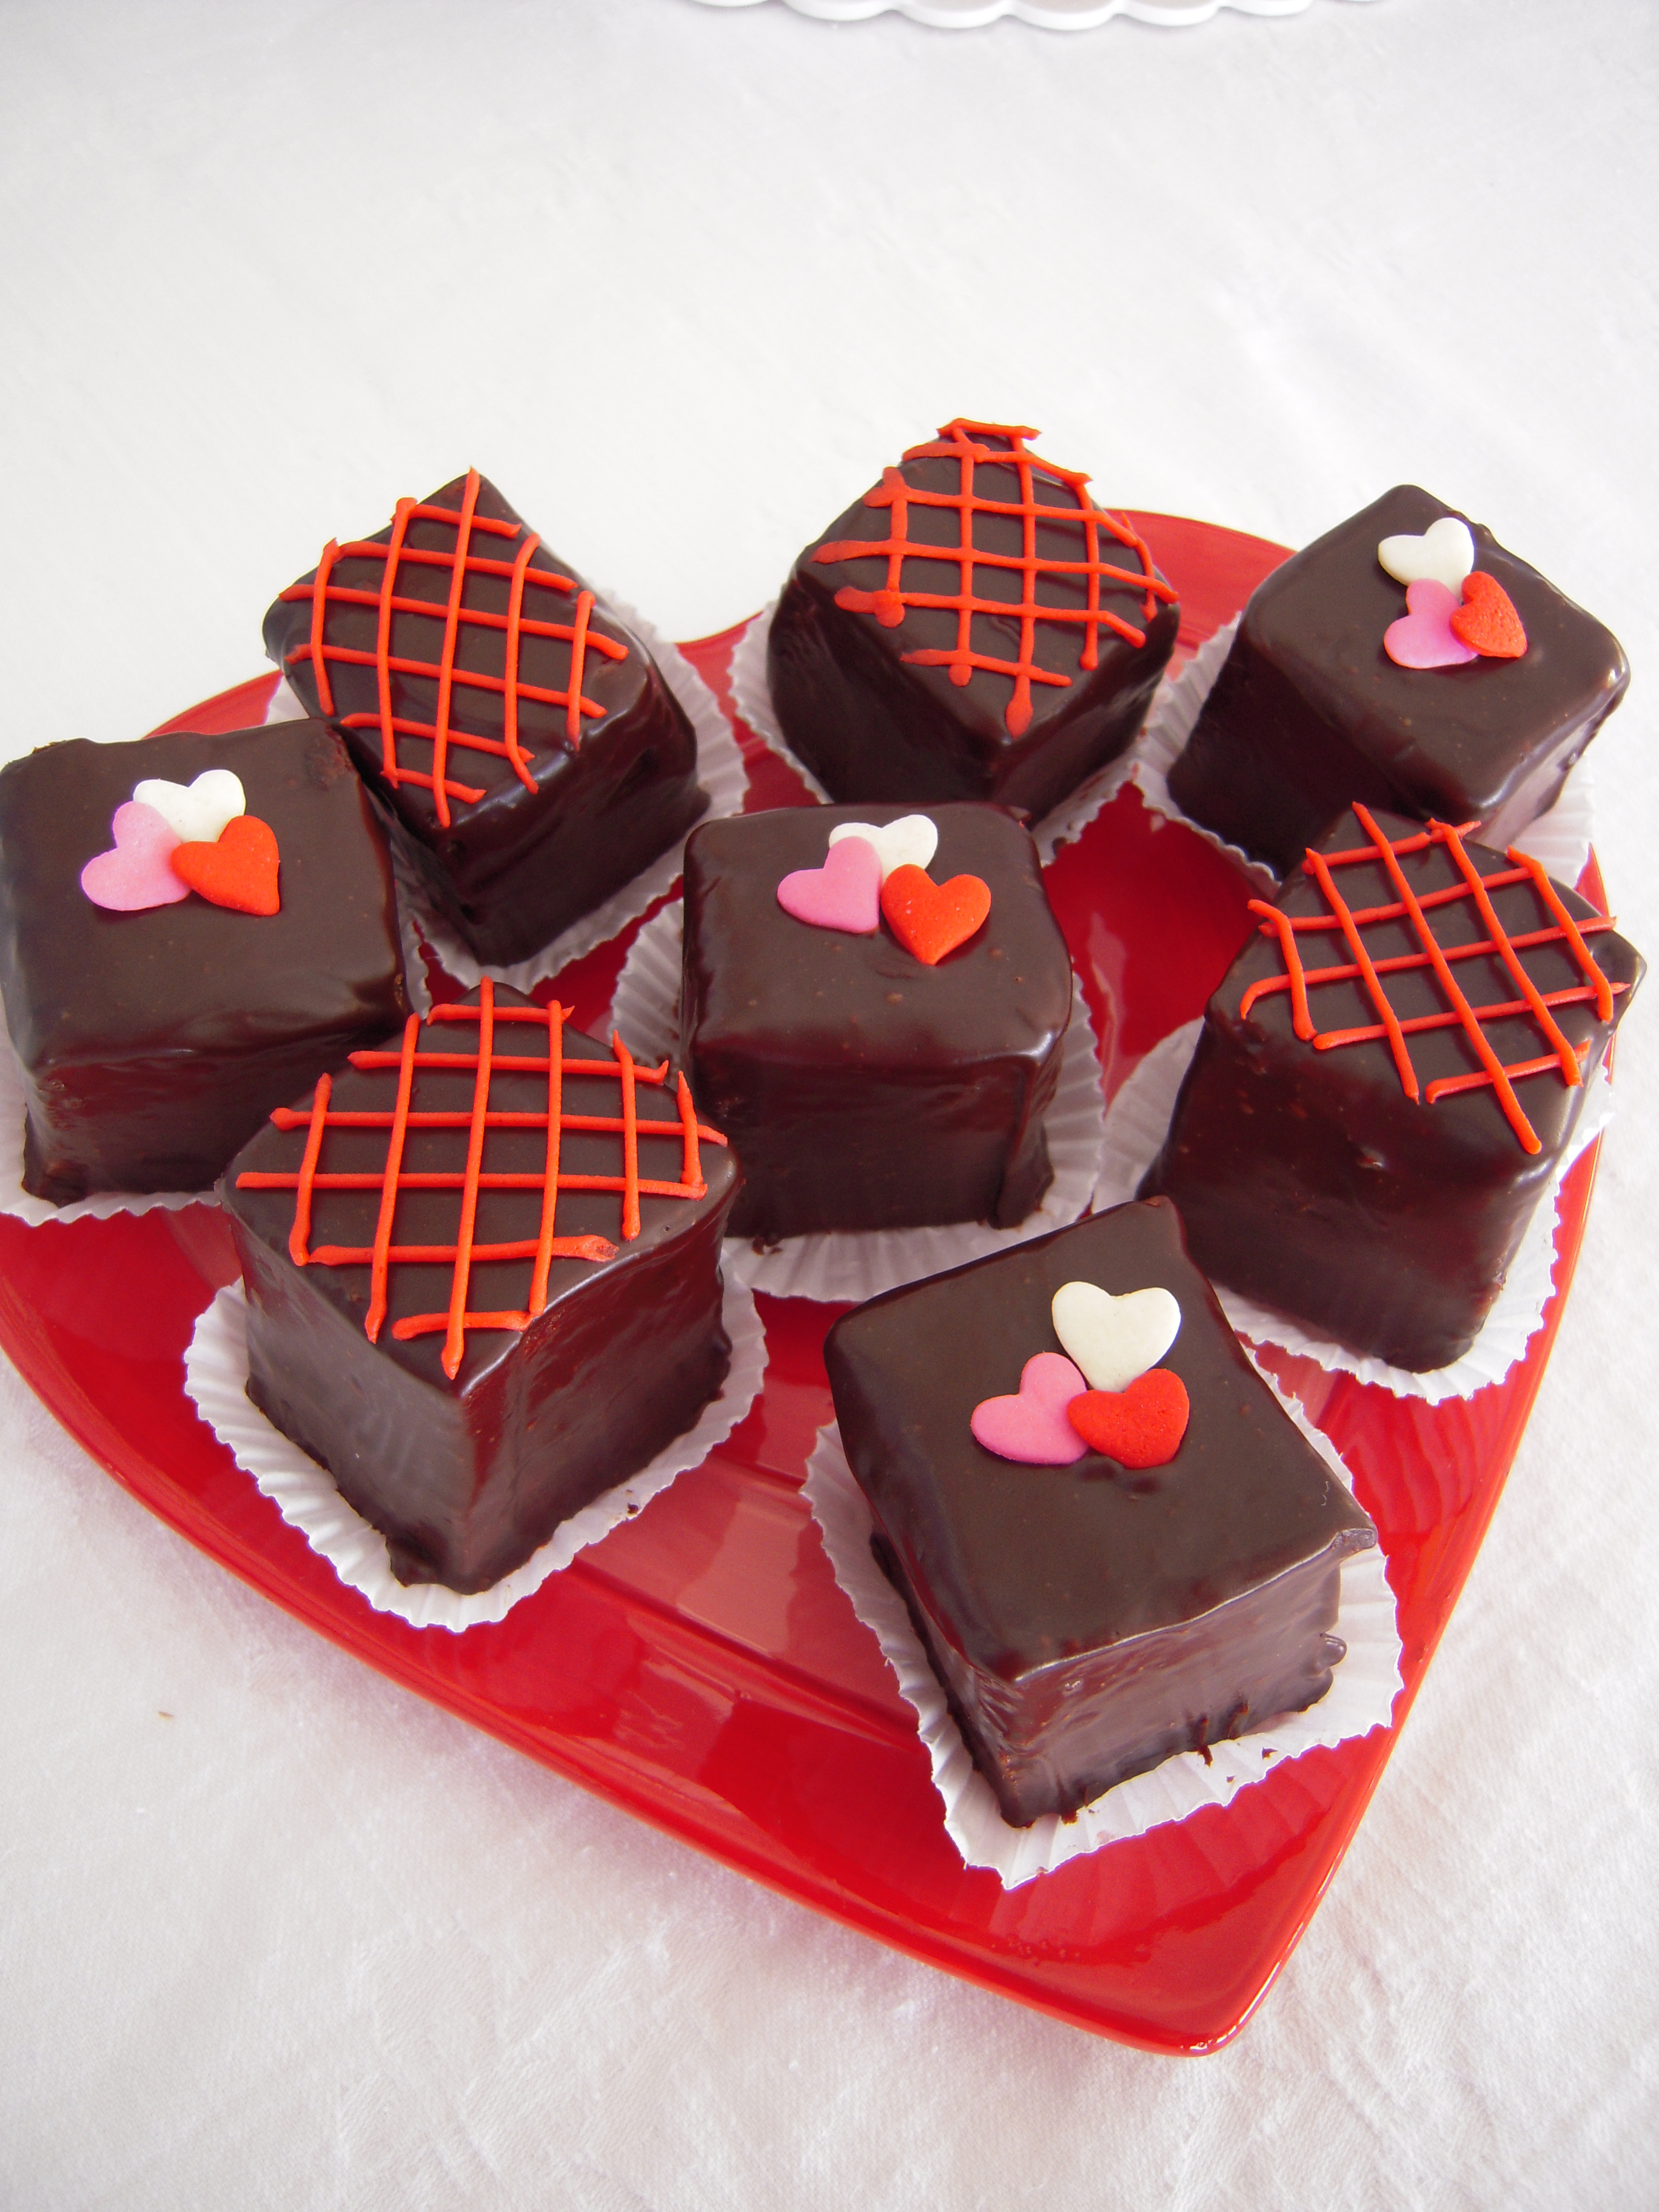 valentines-day-cakes-cupcakes-mumbai-17